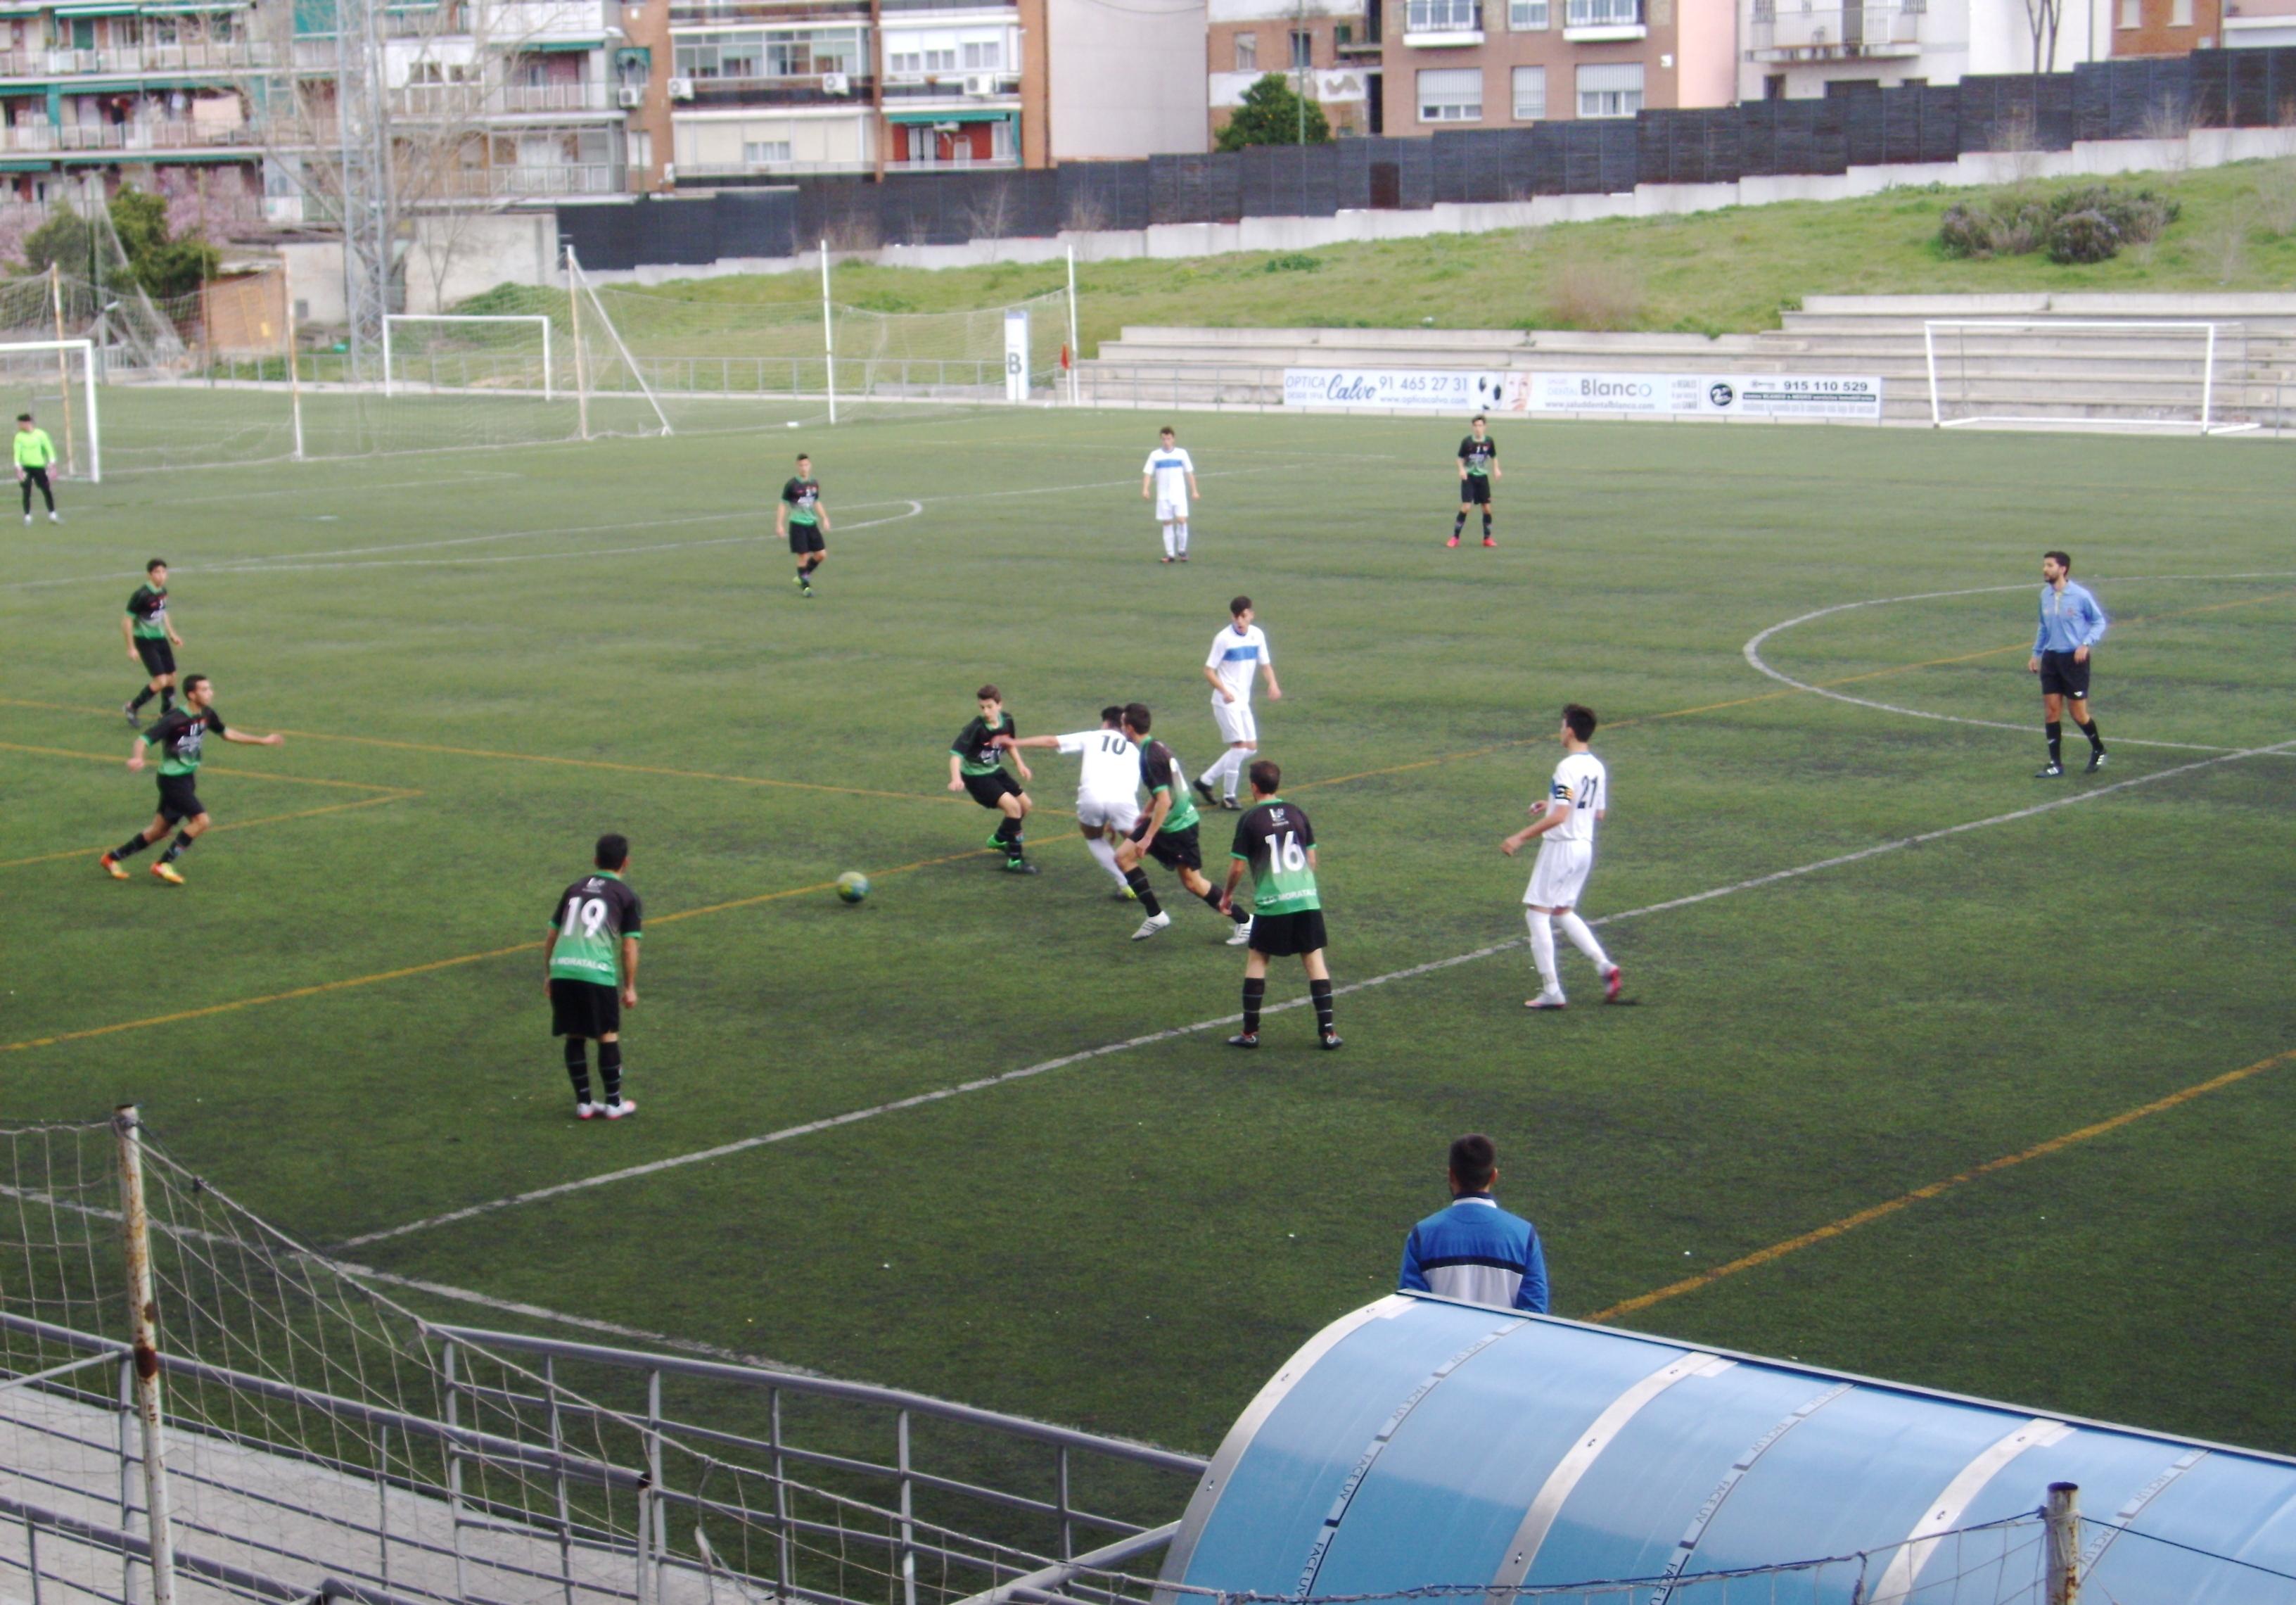 Crónica y fotos del partido de liga Puerta Bonita C 2 – 1 EDM Juvenil D